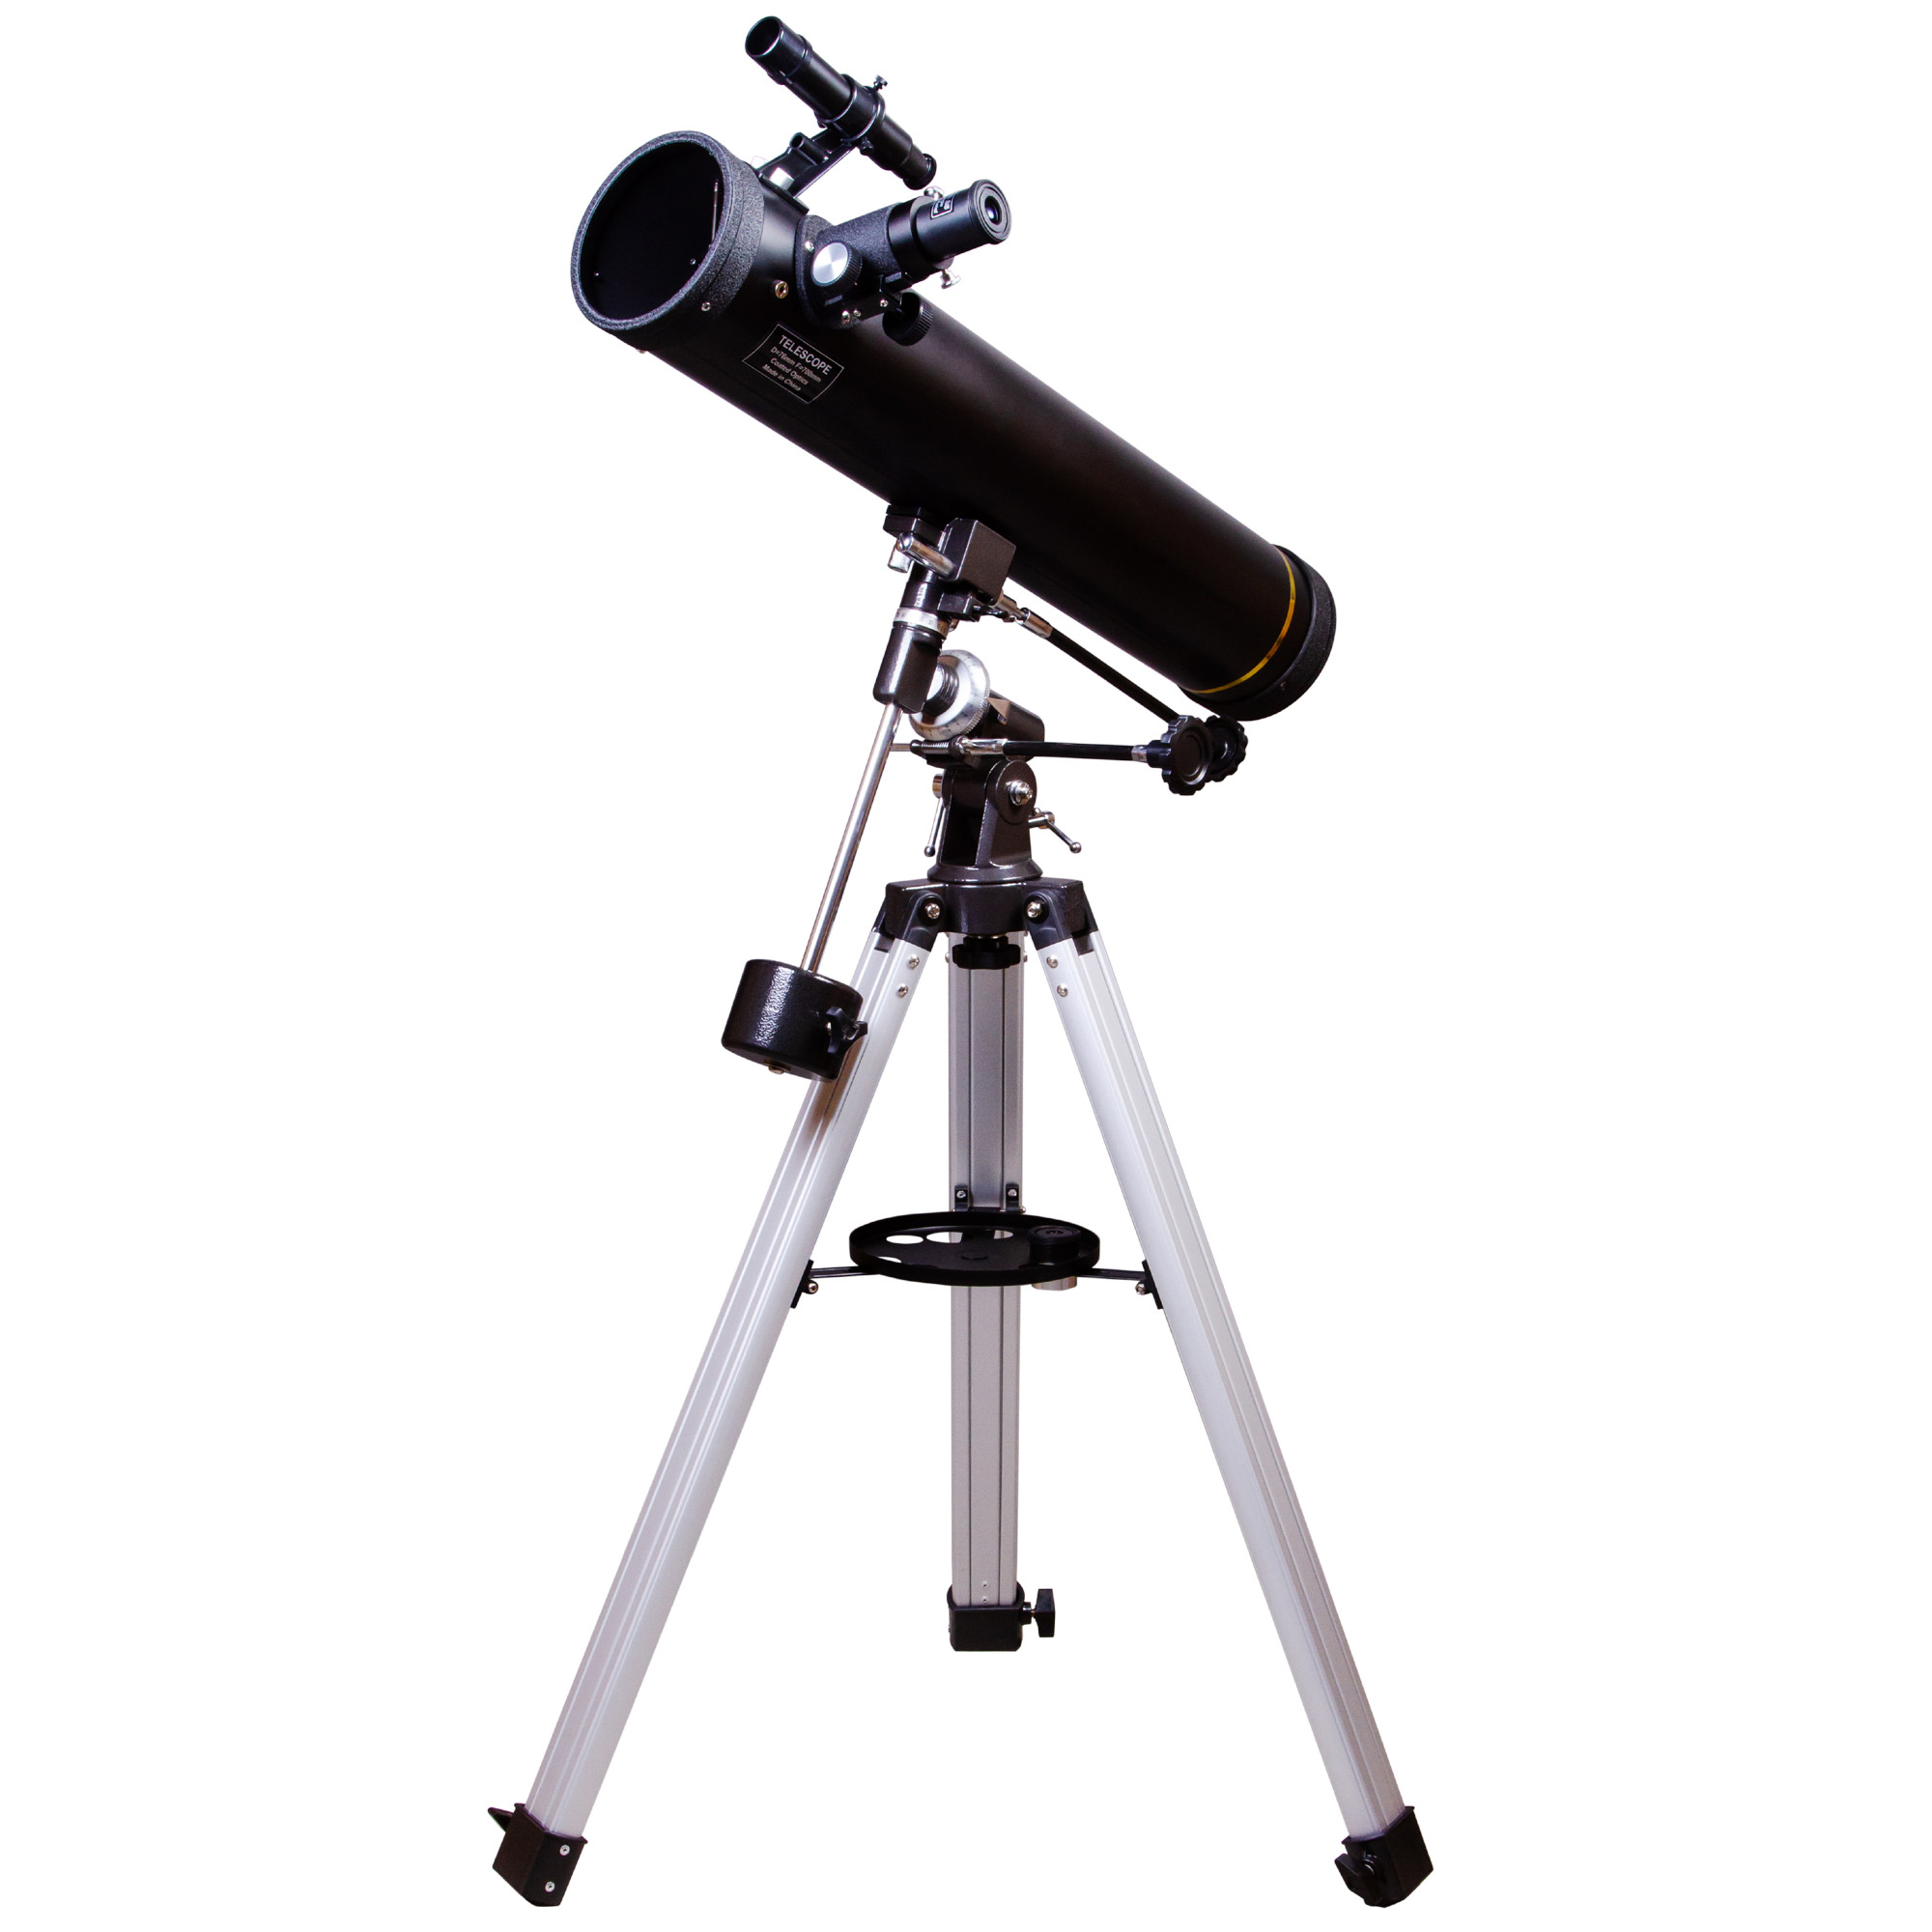 Фото - Телескоп Levenhuk Skyline PLUS 80S (+ Книга «Космос. Непустая пустота» в подарок!) телескоп